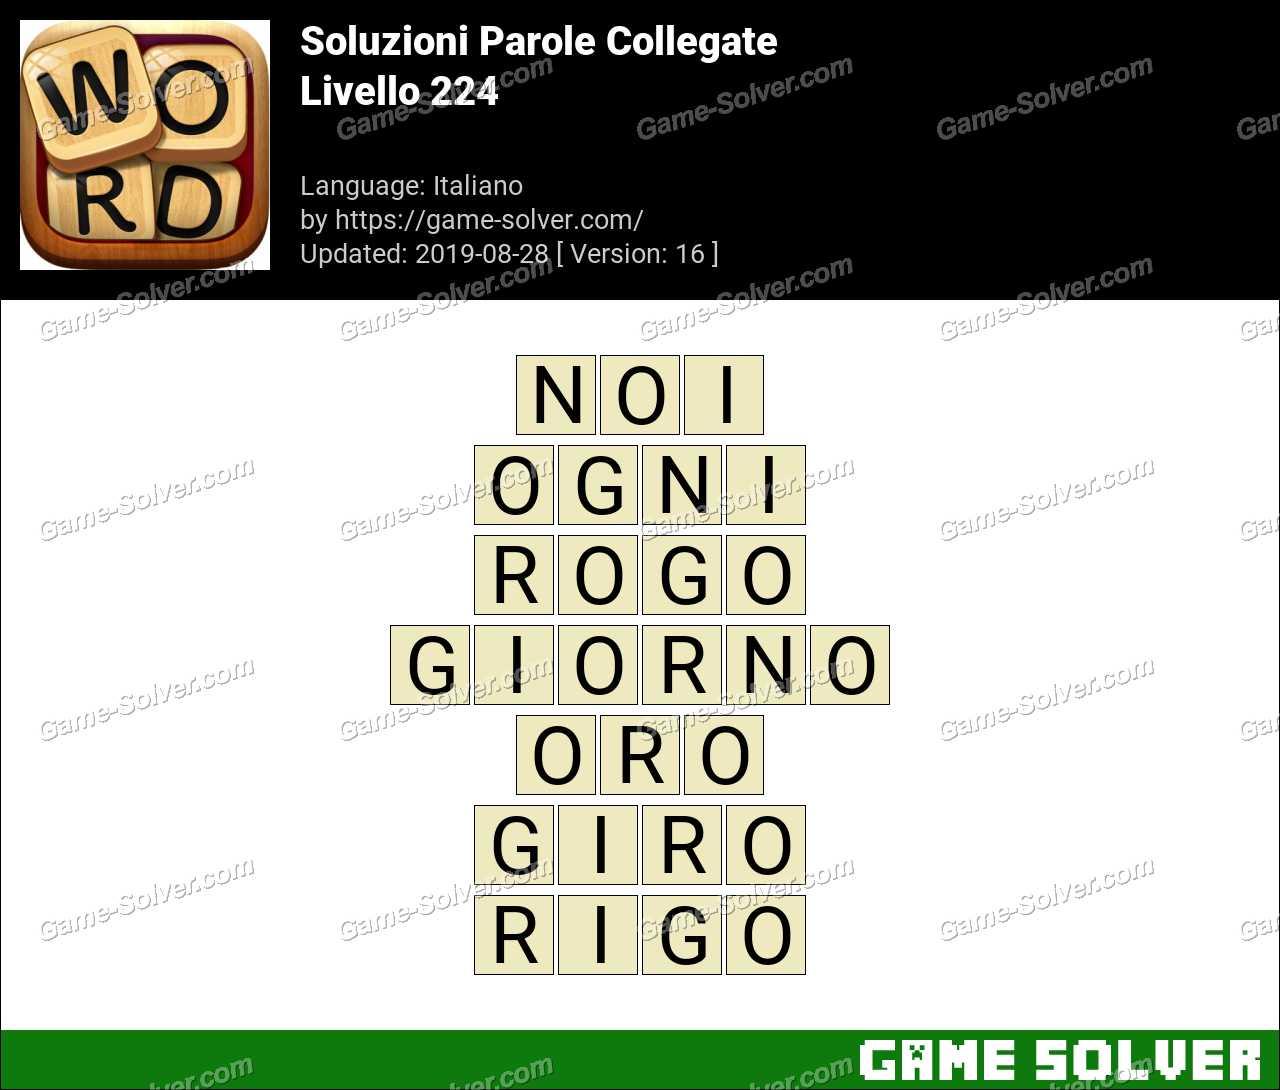 Soluzioni Parole Collegate Livello 224